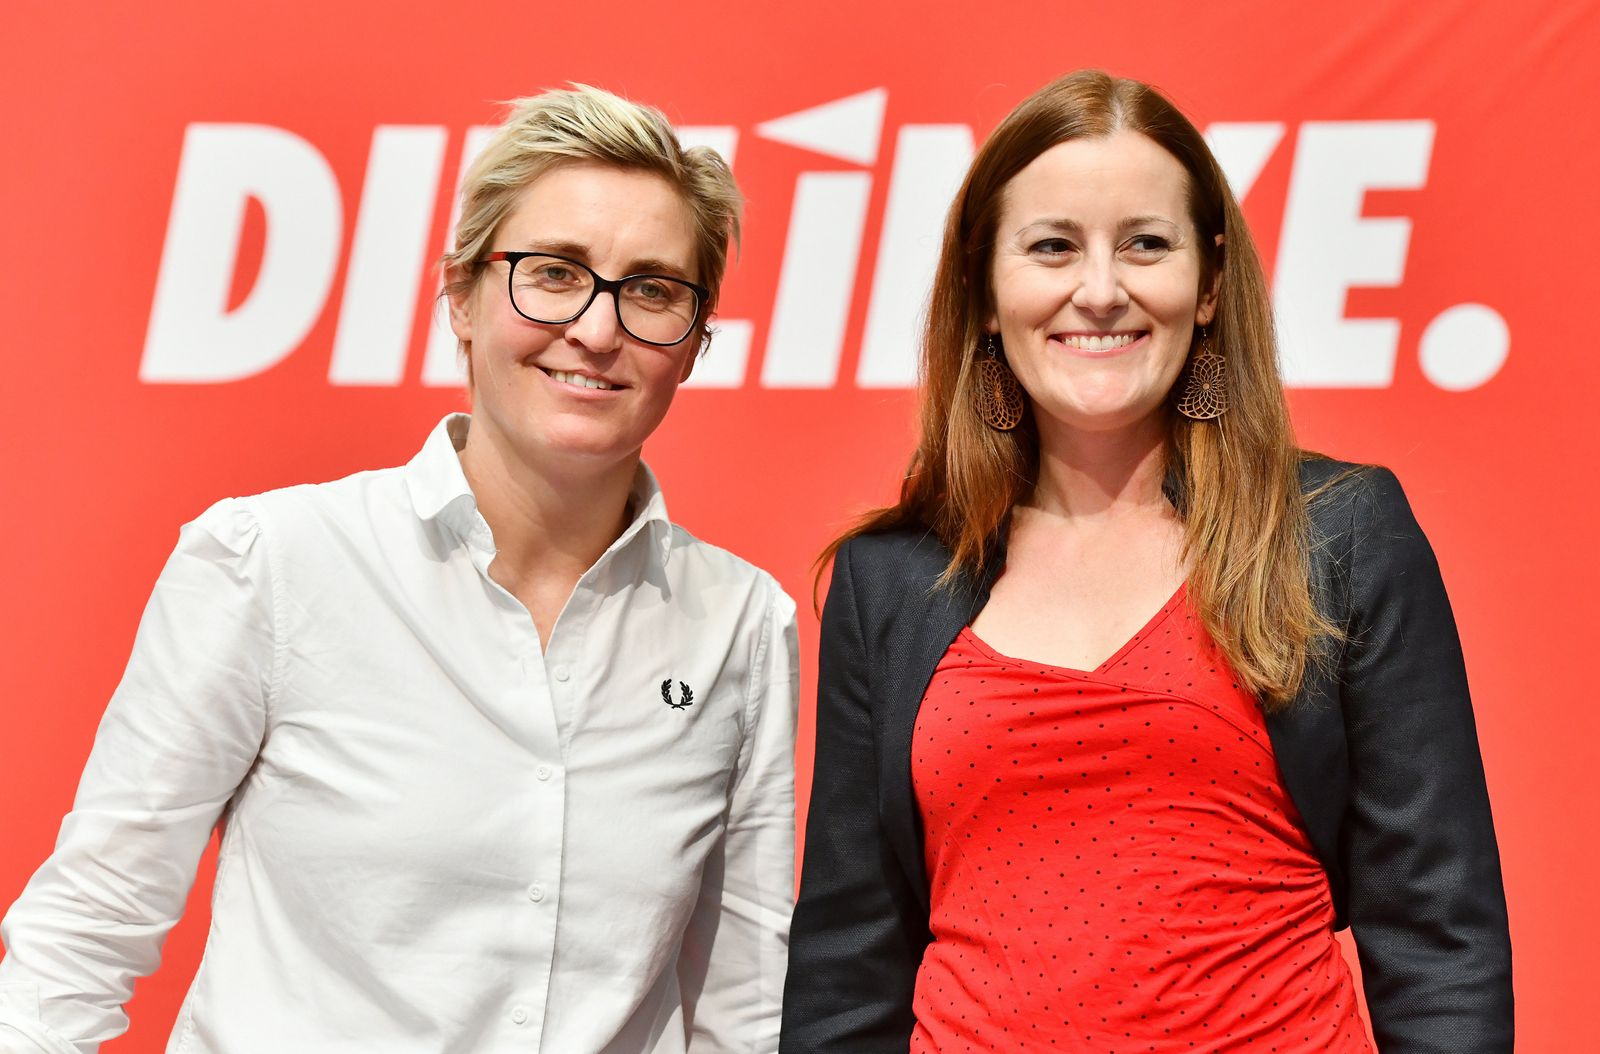 Janine Wissler und Susanne Hennig-Wellsow